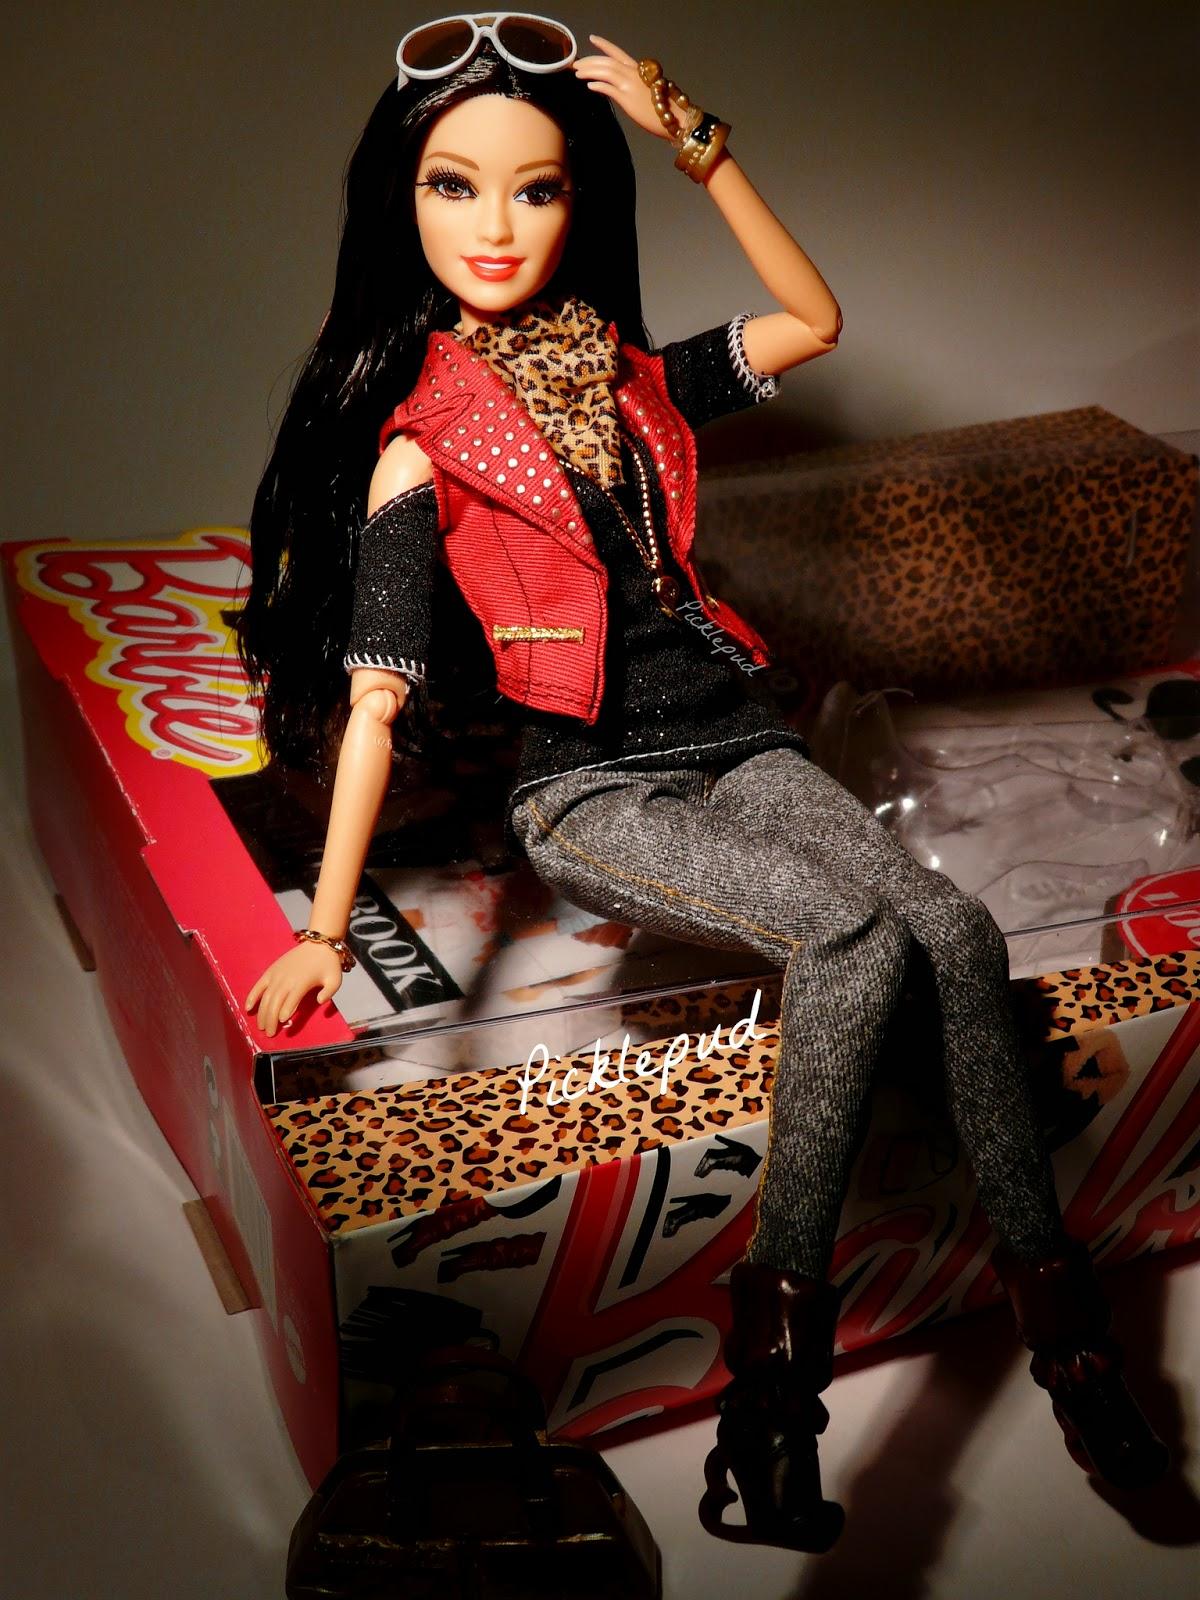 Барби мода стиль фото